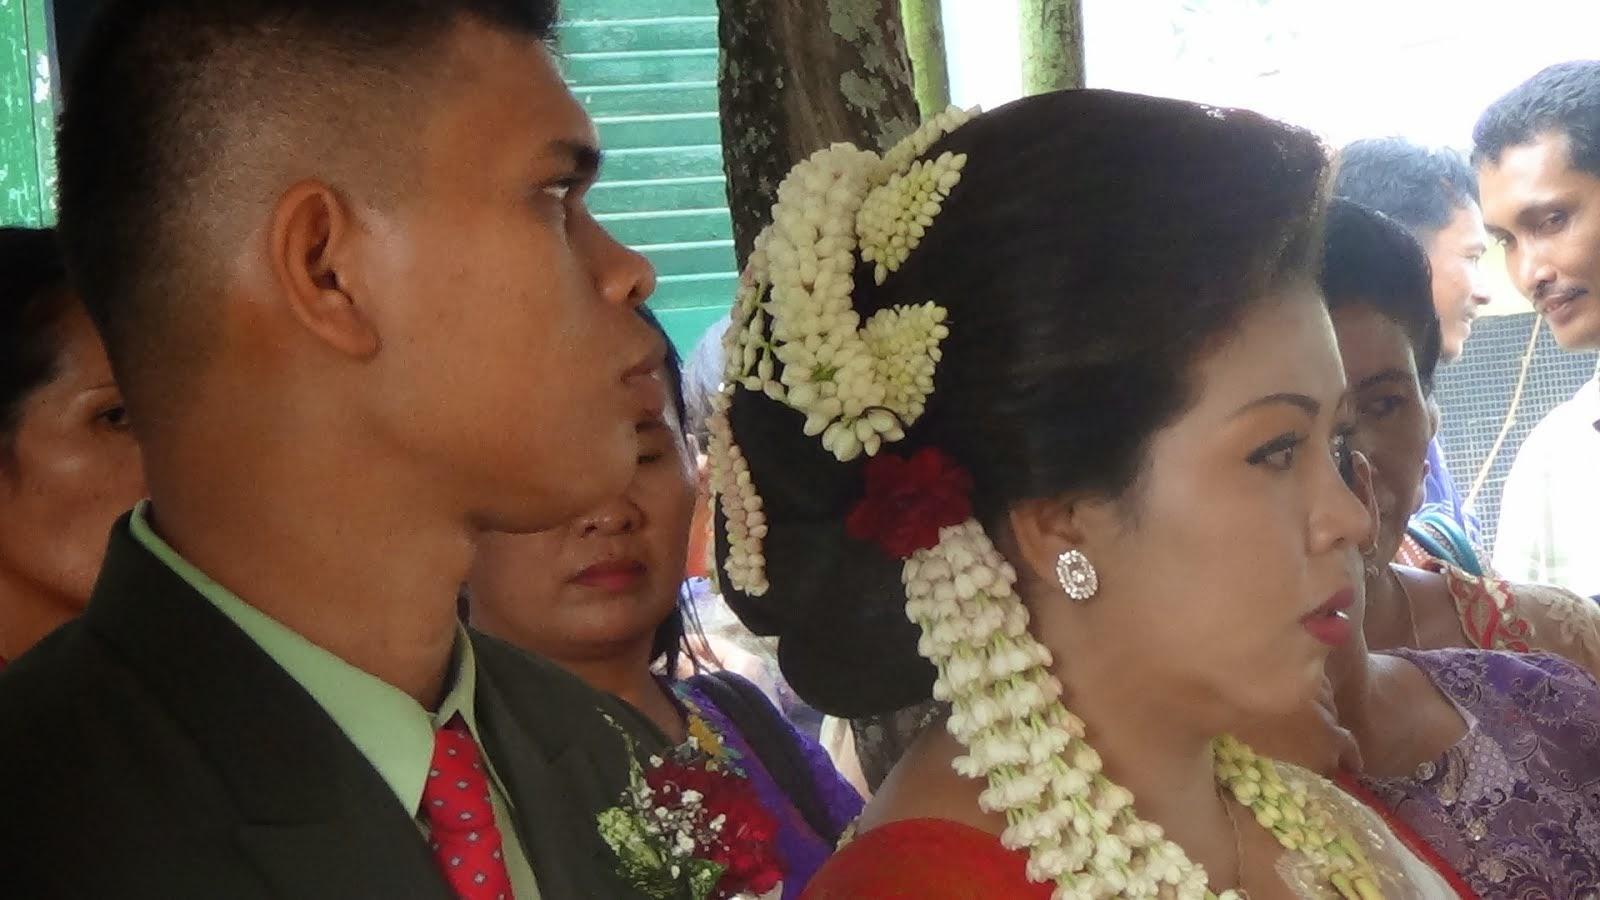 Jubel EM Nababan dan Riani Uli Situmeang